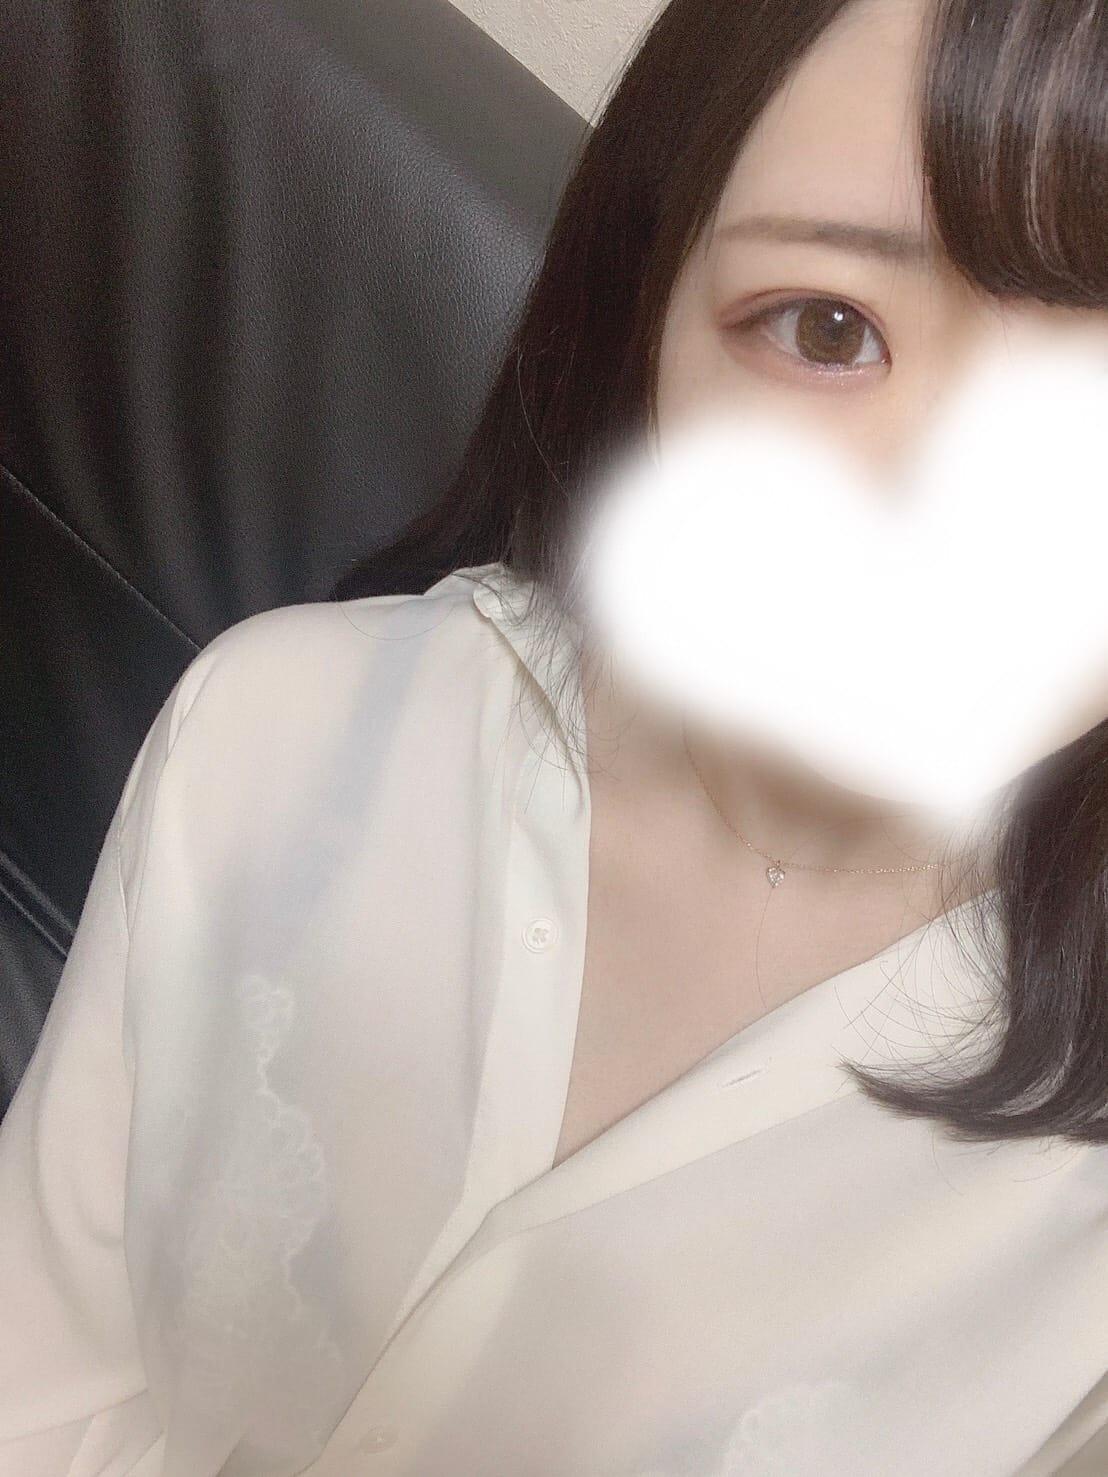 かすみちゃん【現役学生ロリカワ清楚系美少女♡】